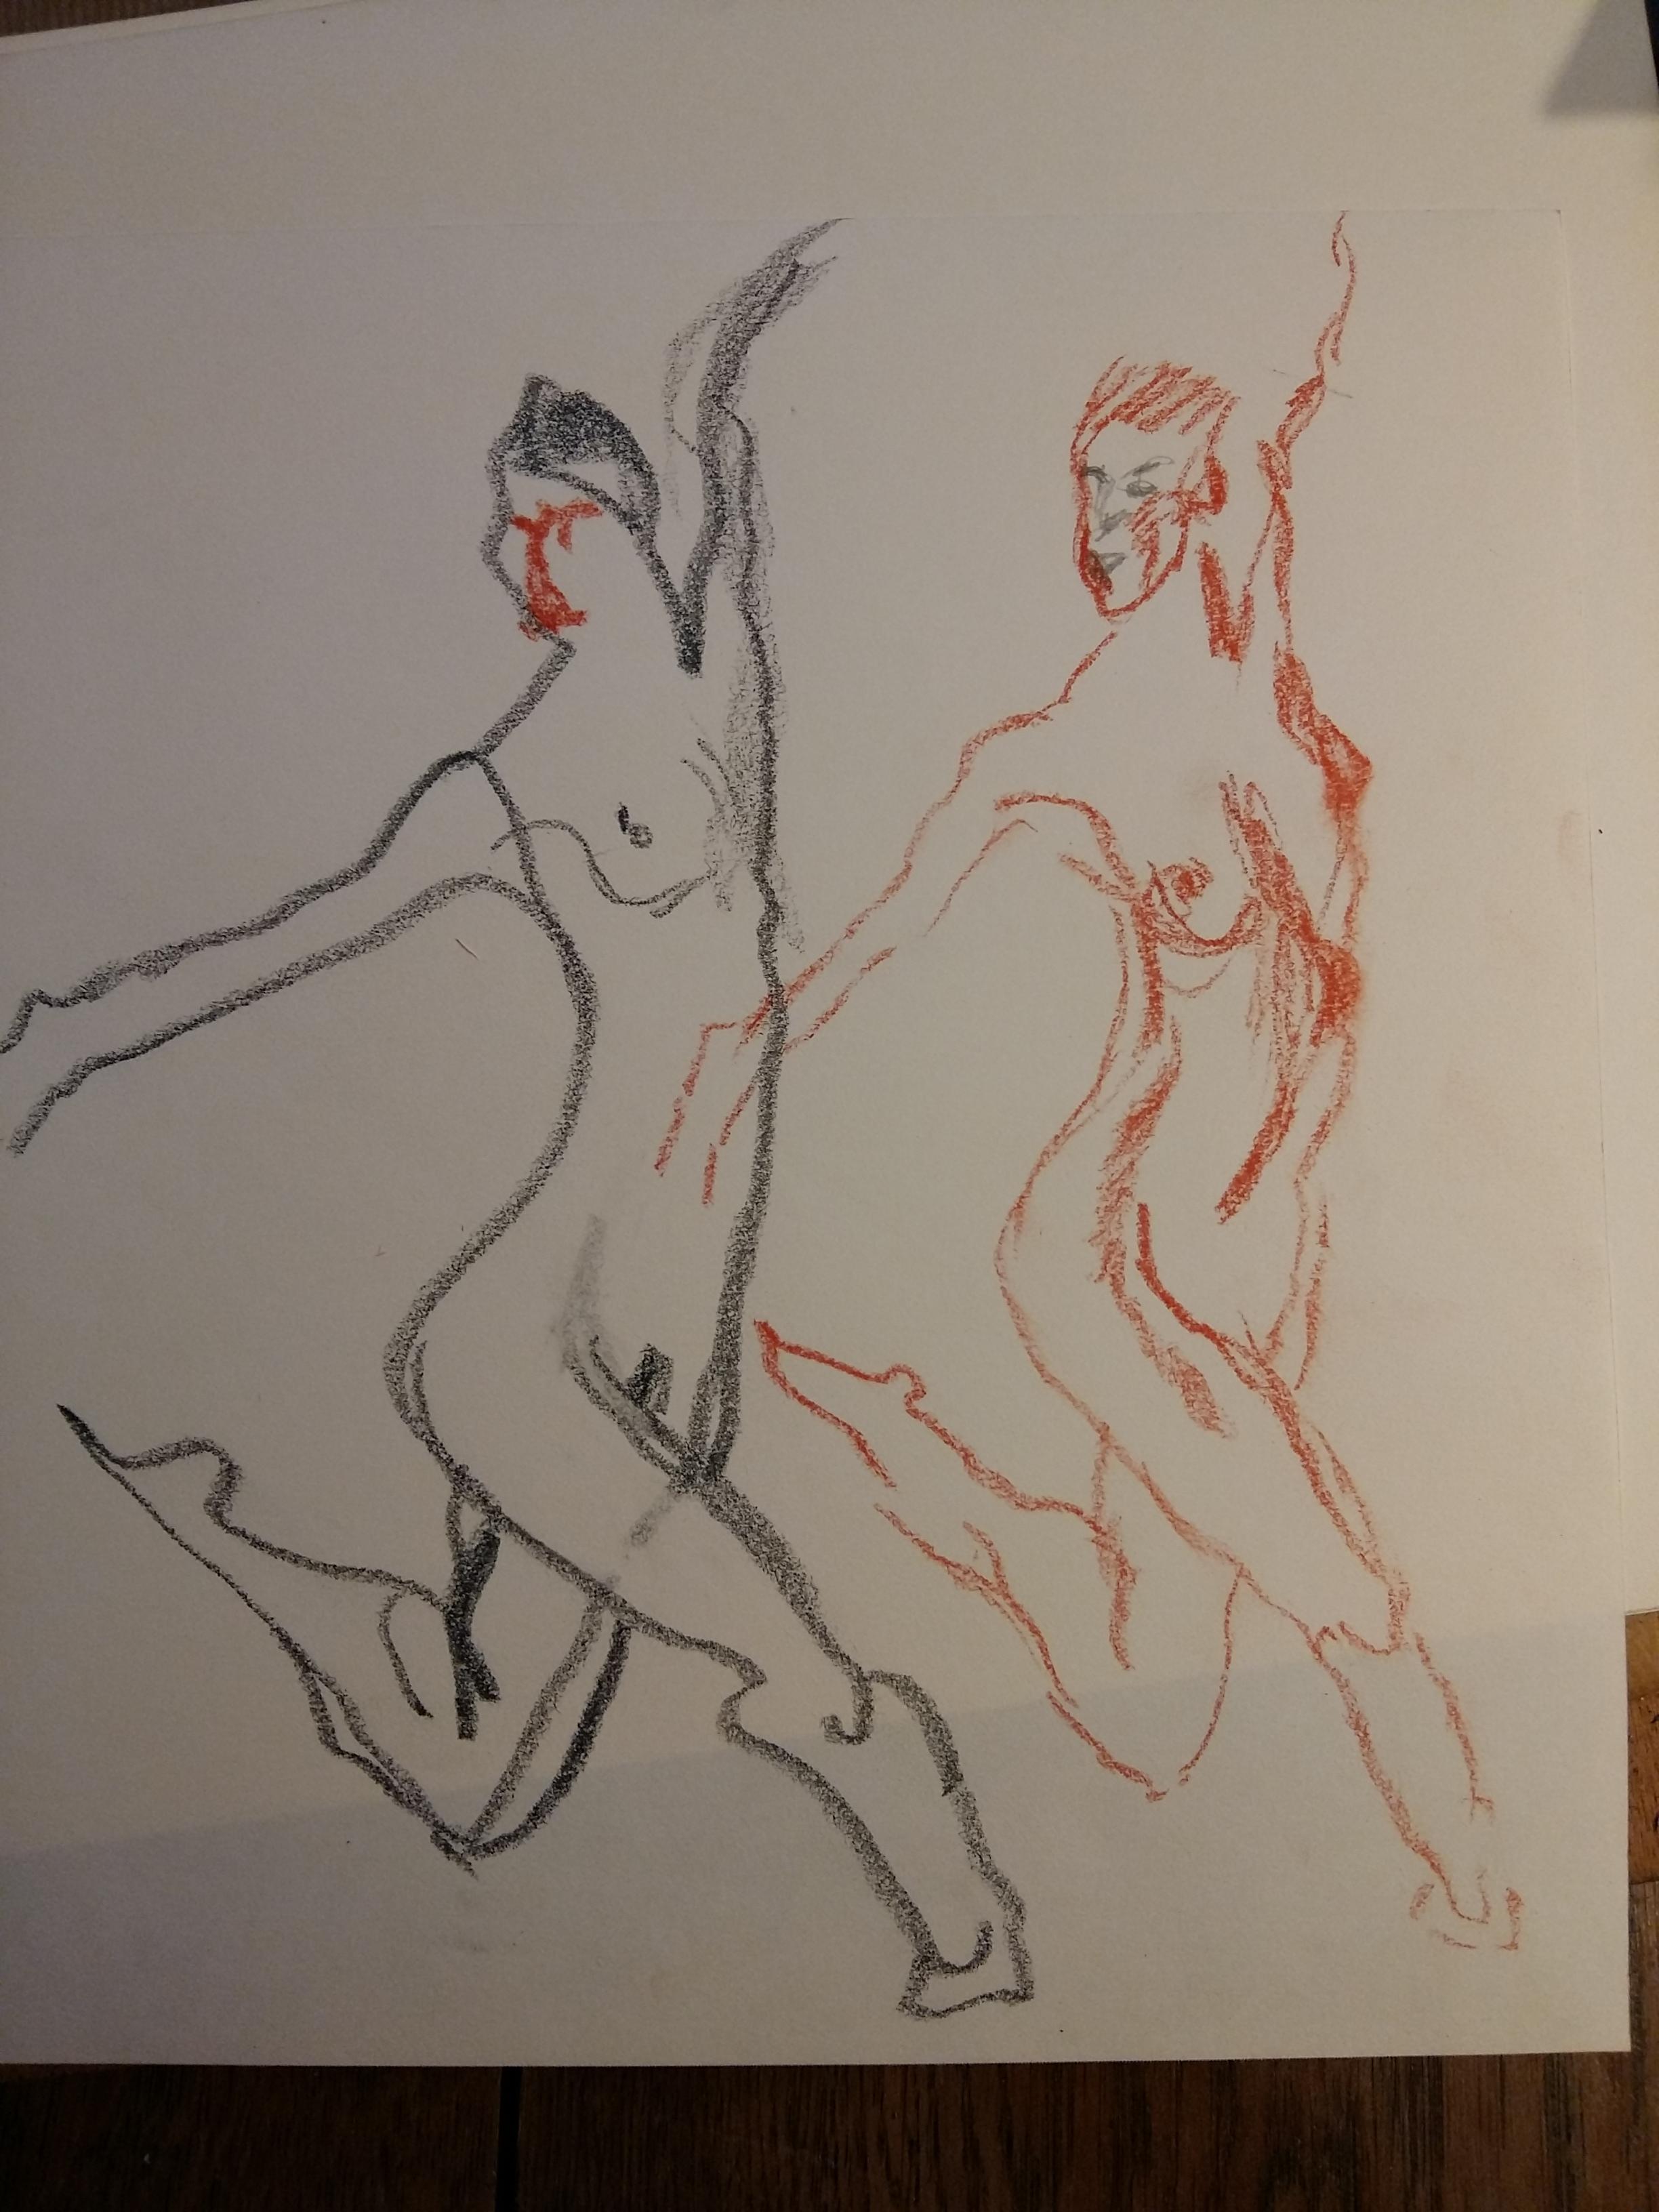 Composition dessin Claire sanguine et pastel danseuse  cours de dessin